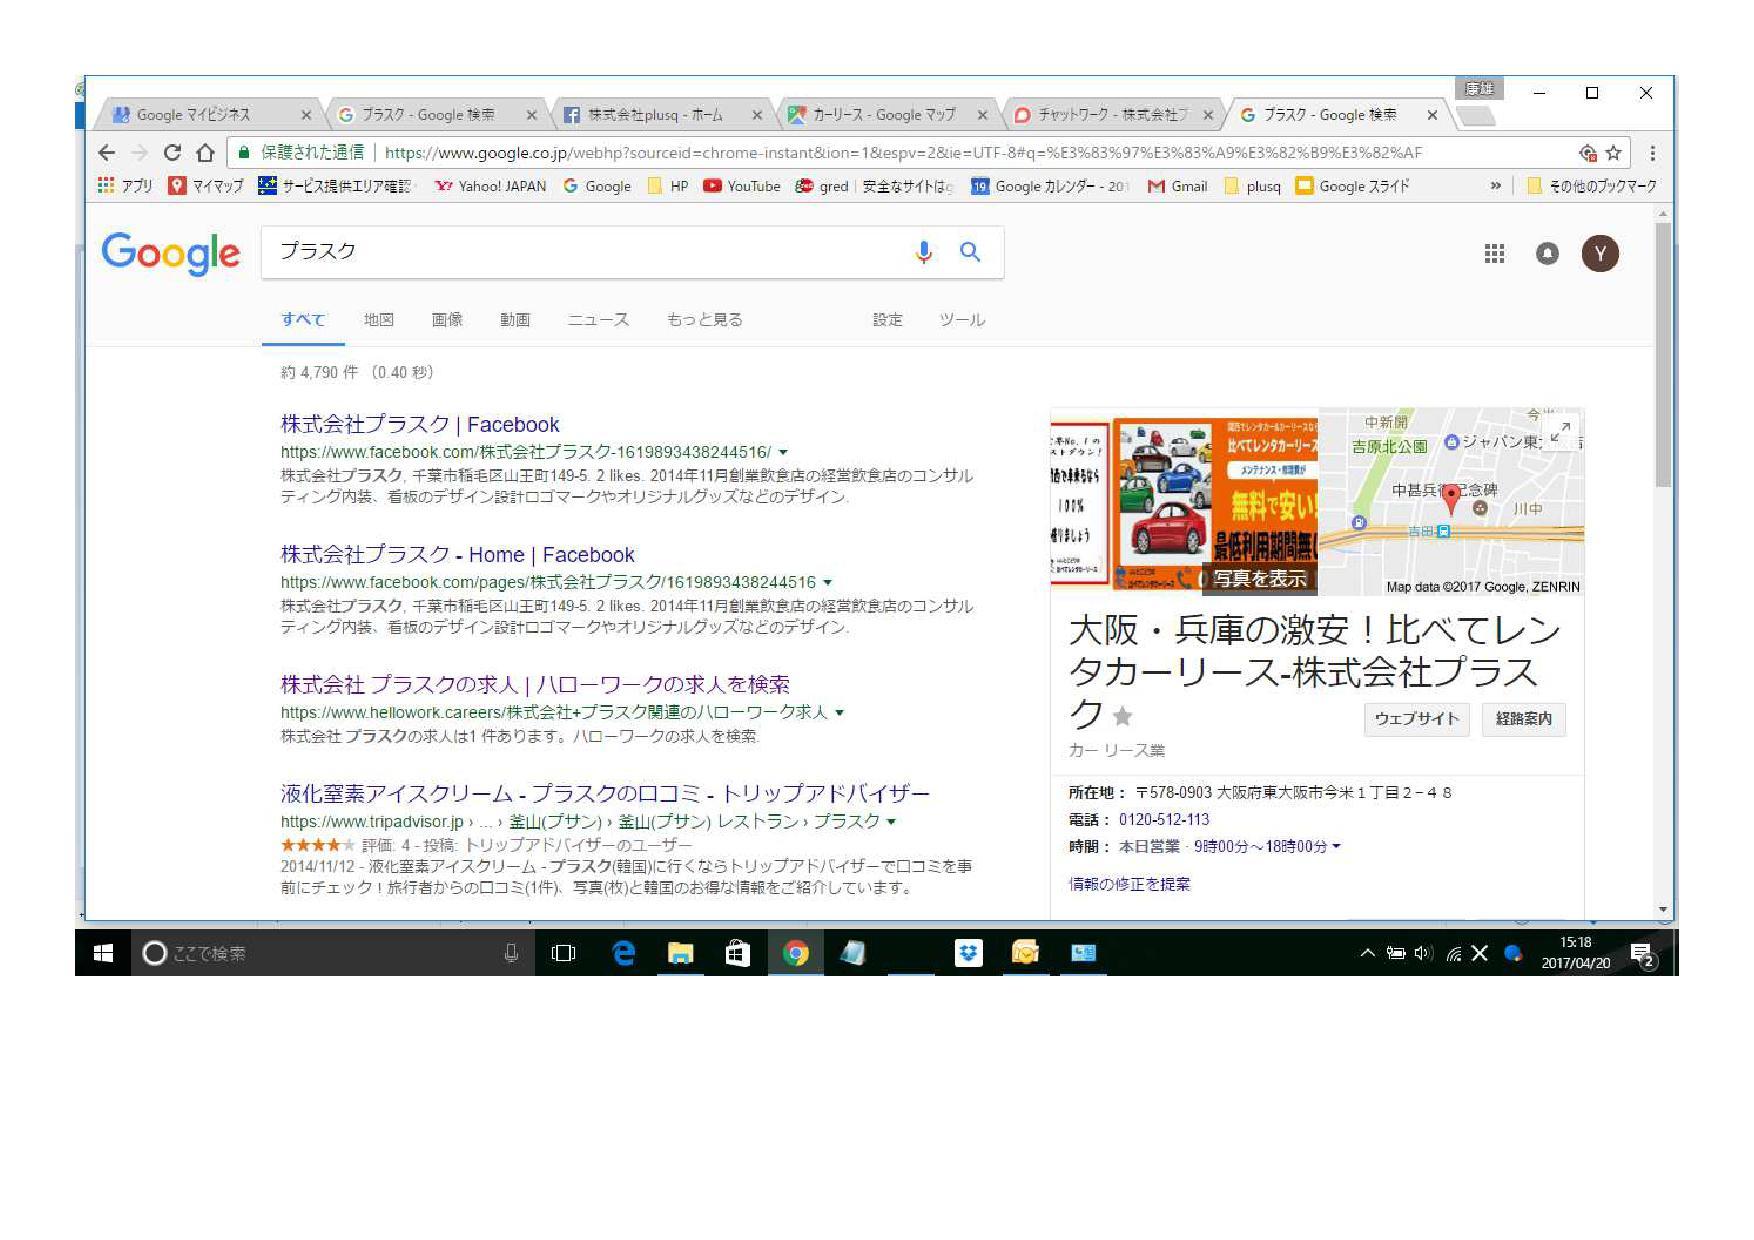 やりました!Google検索で1ページ目に!(マイビジネスですが笑)のアイキャッチ画像